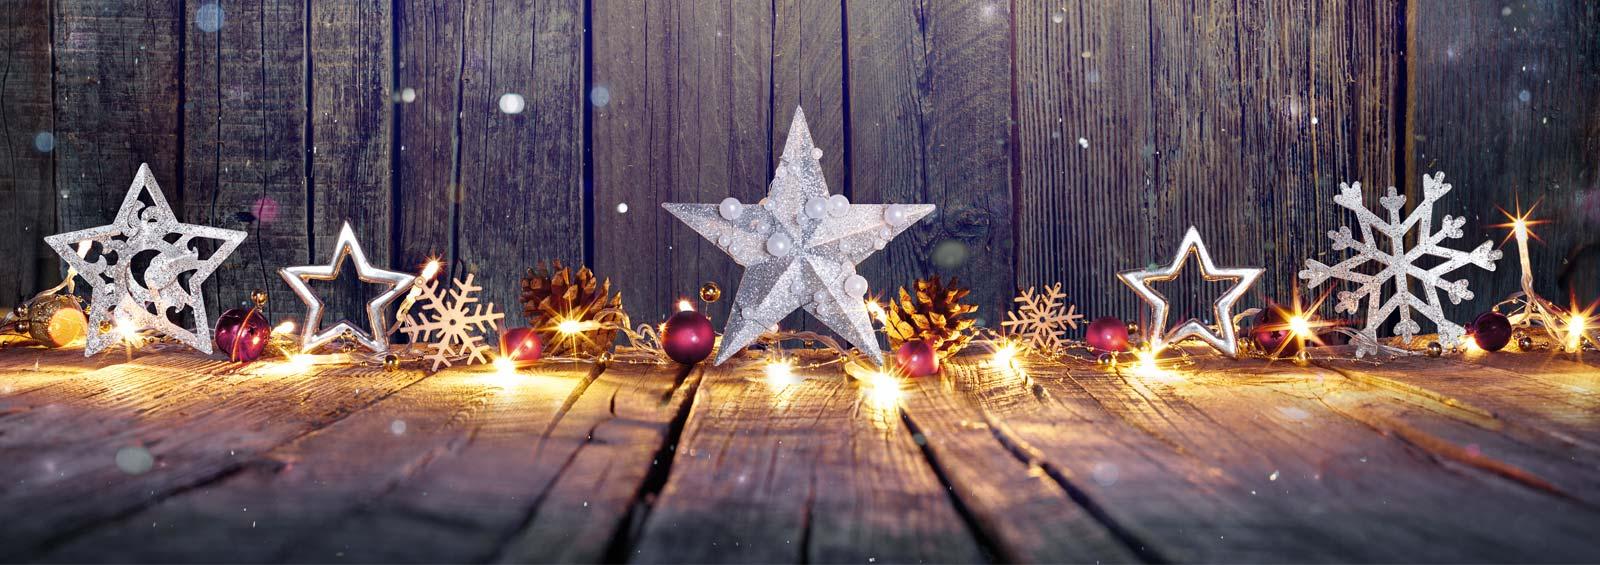 Dossier-Header_Weihnachten